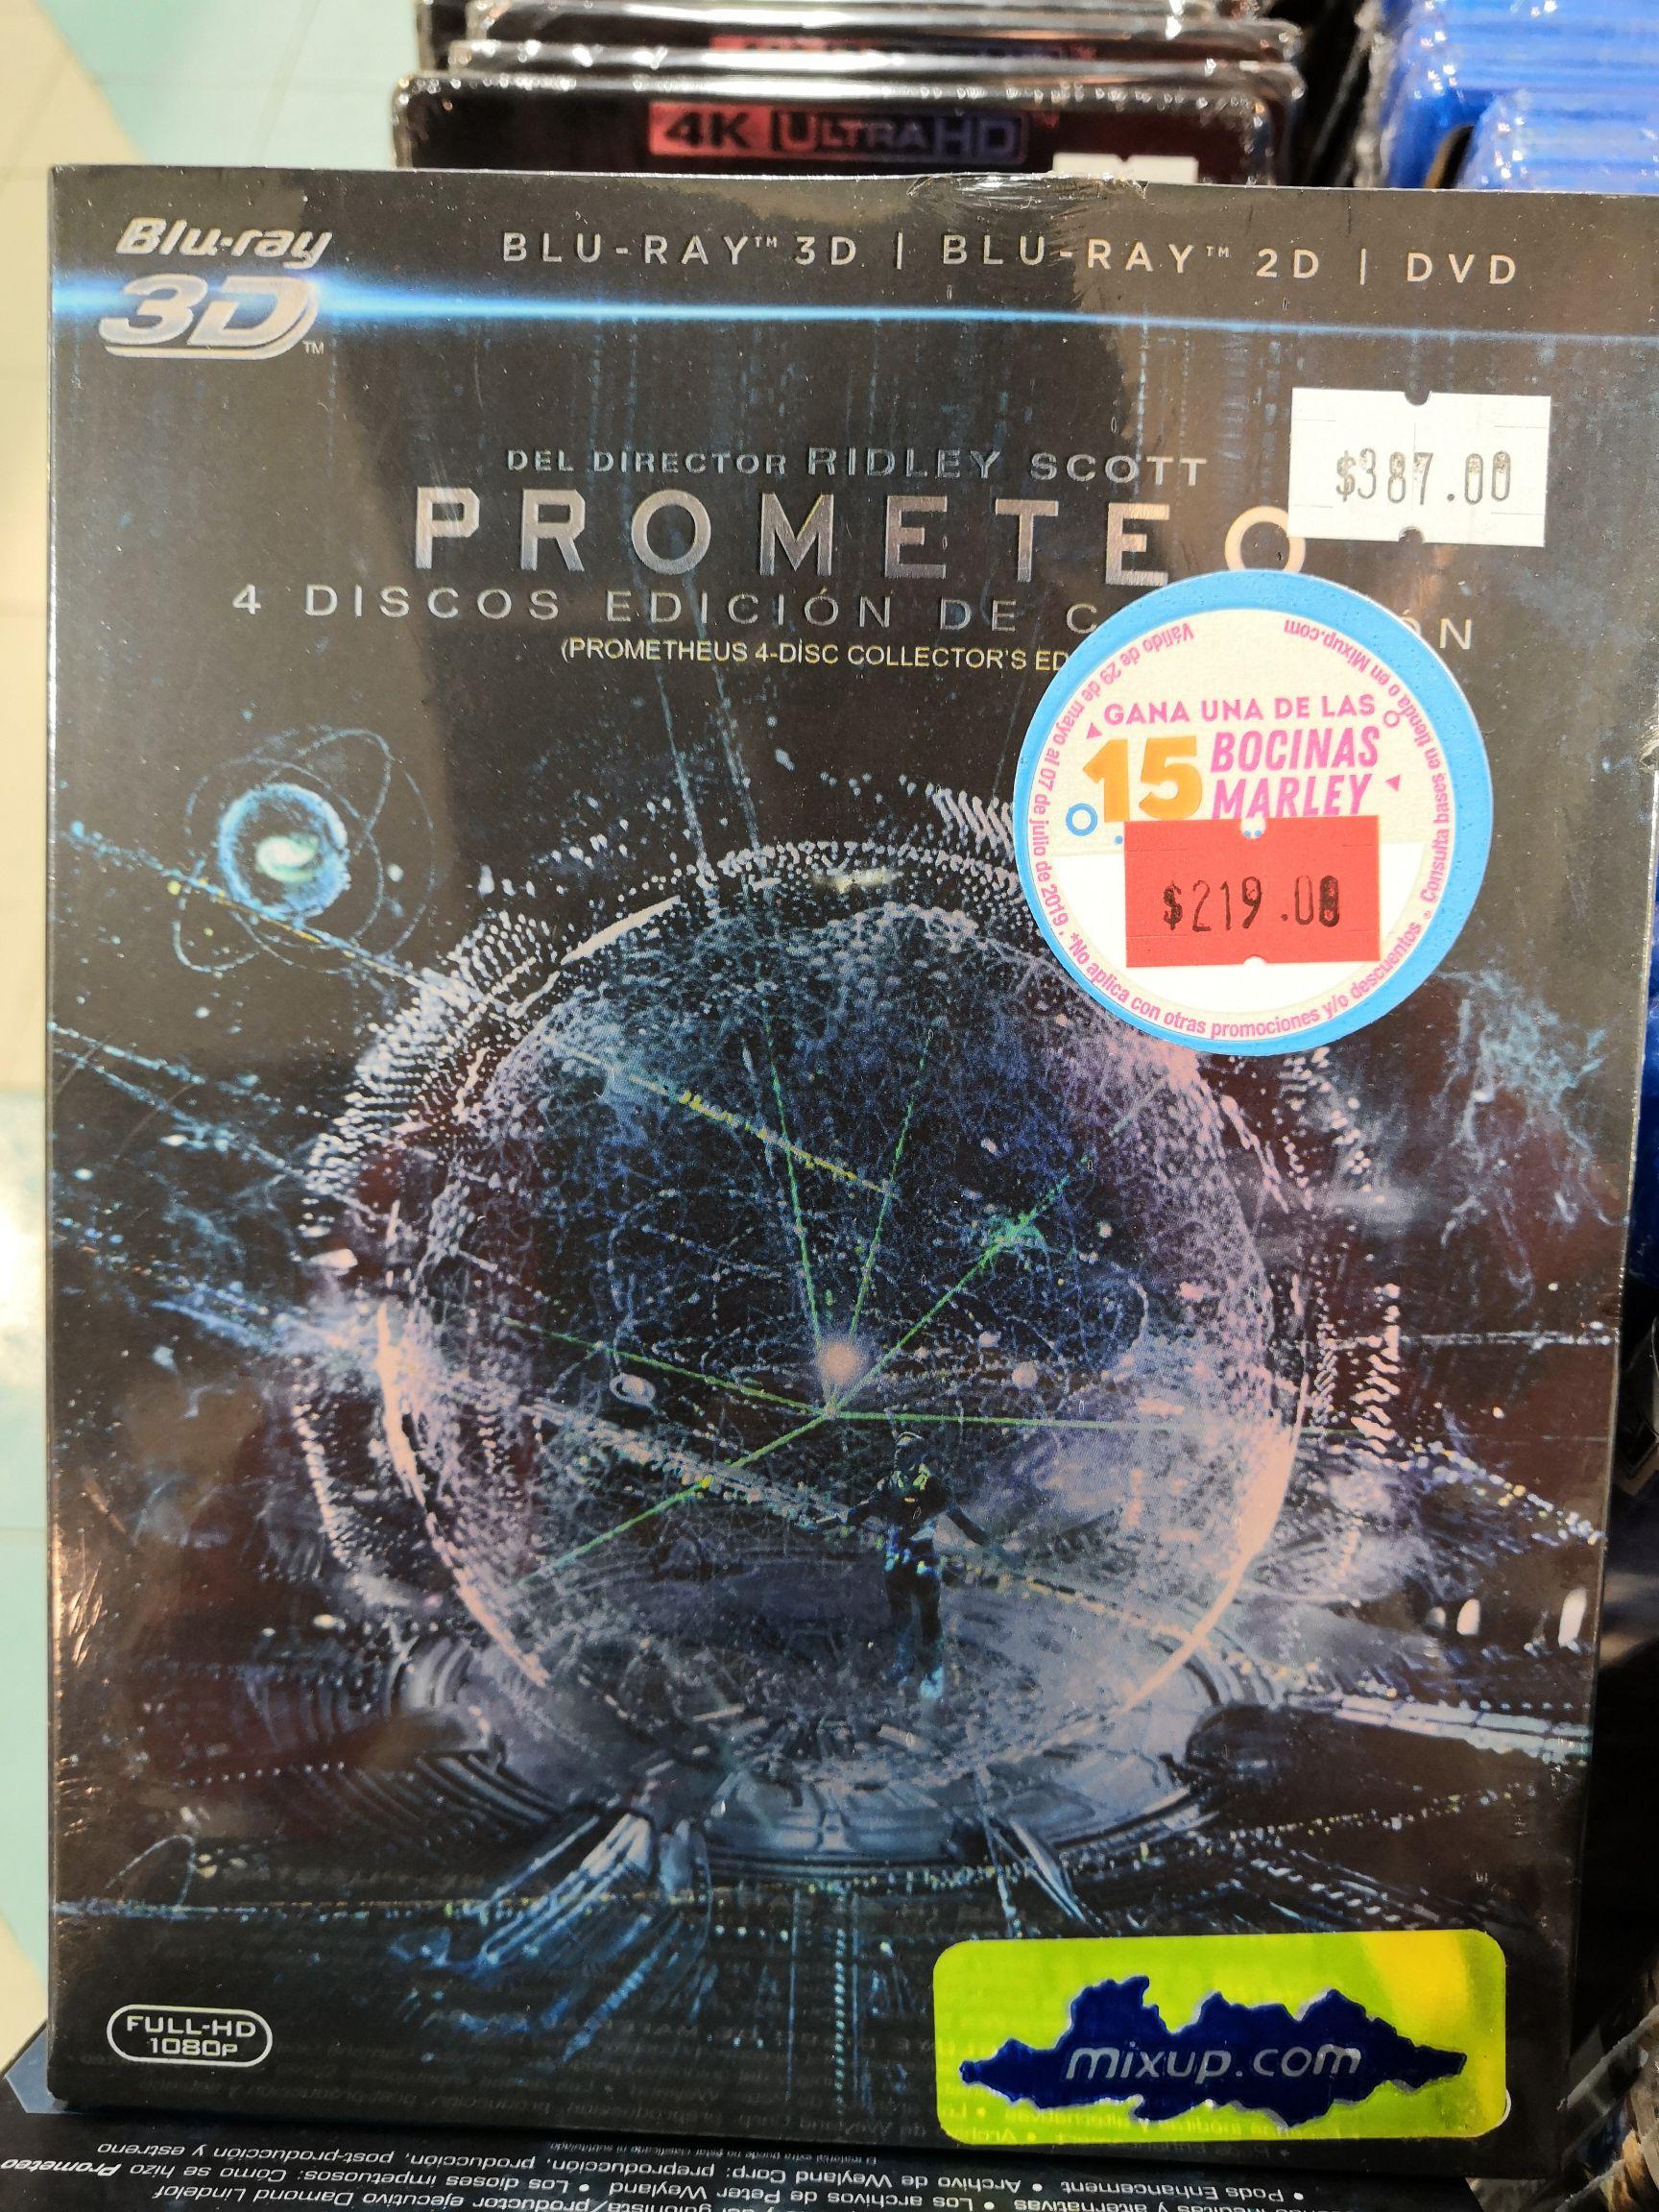 Mixup: Bluray Prometeo Edición Colección y Alien Covenant Steelbook Edition